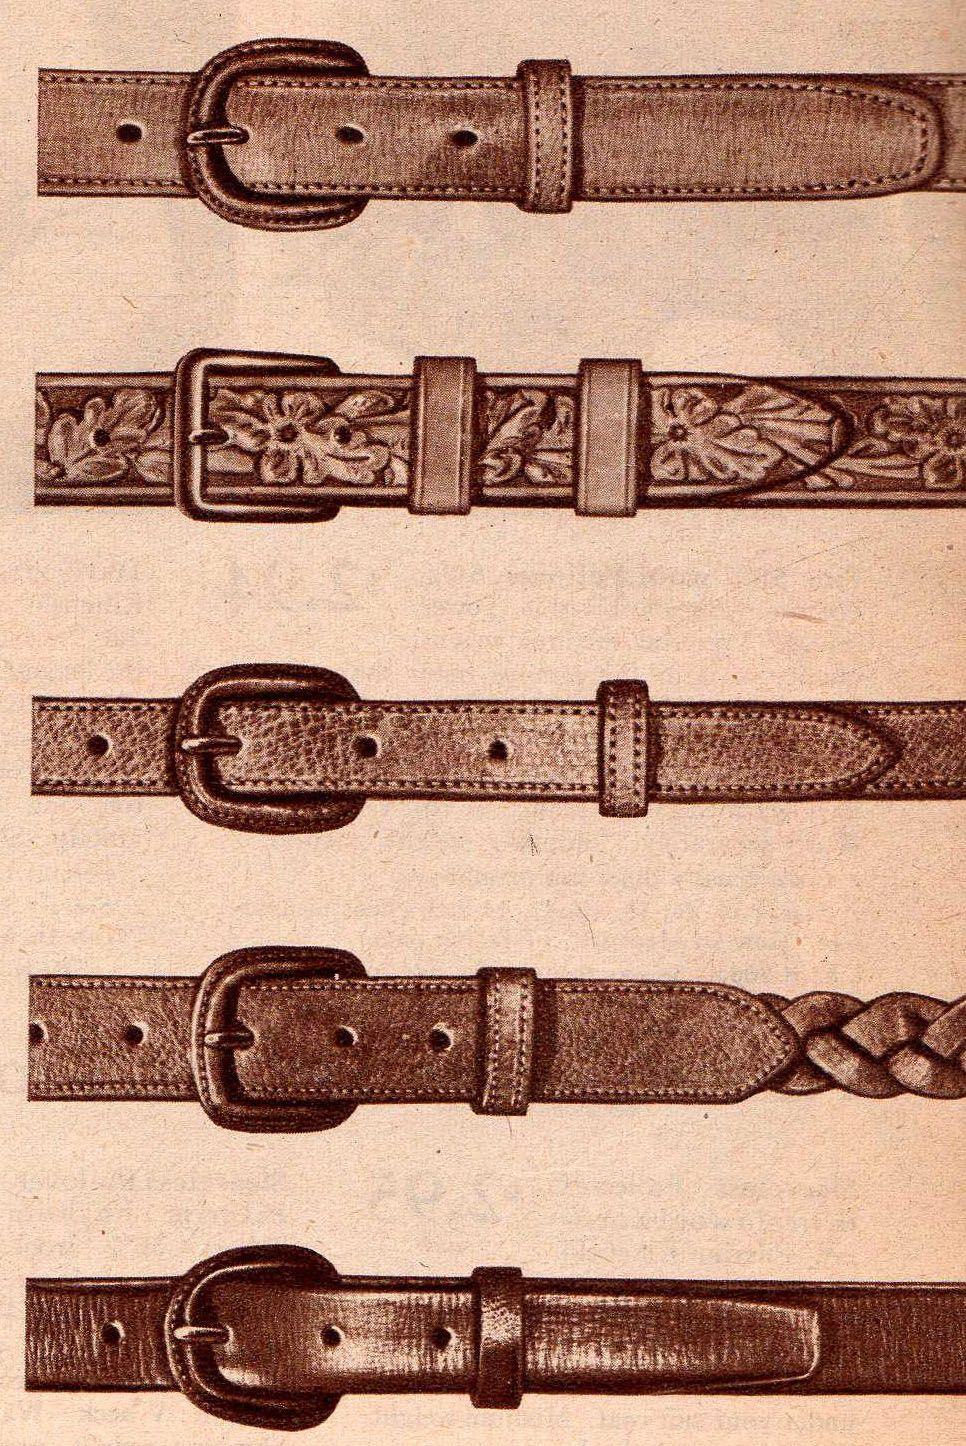 140s belts